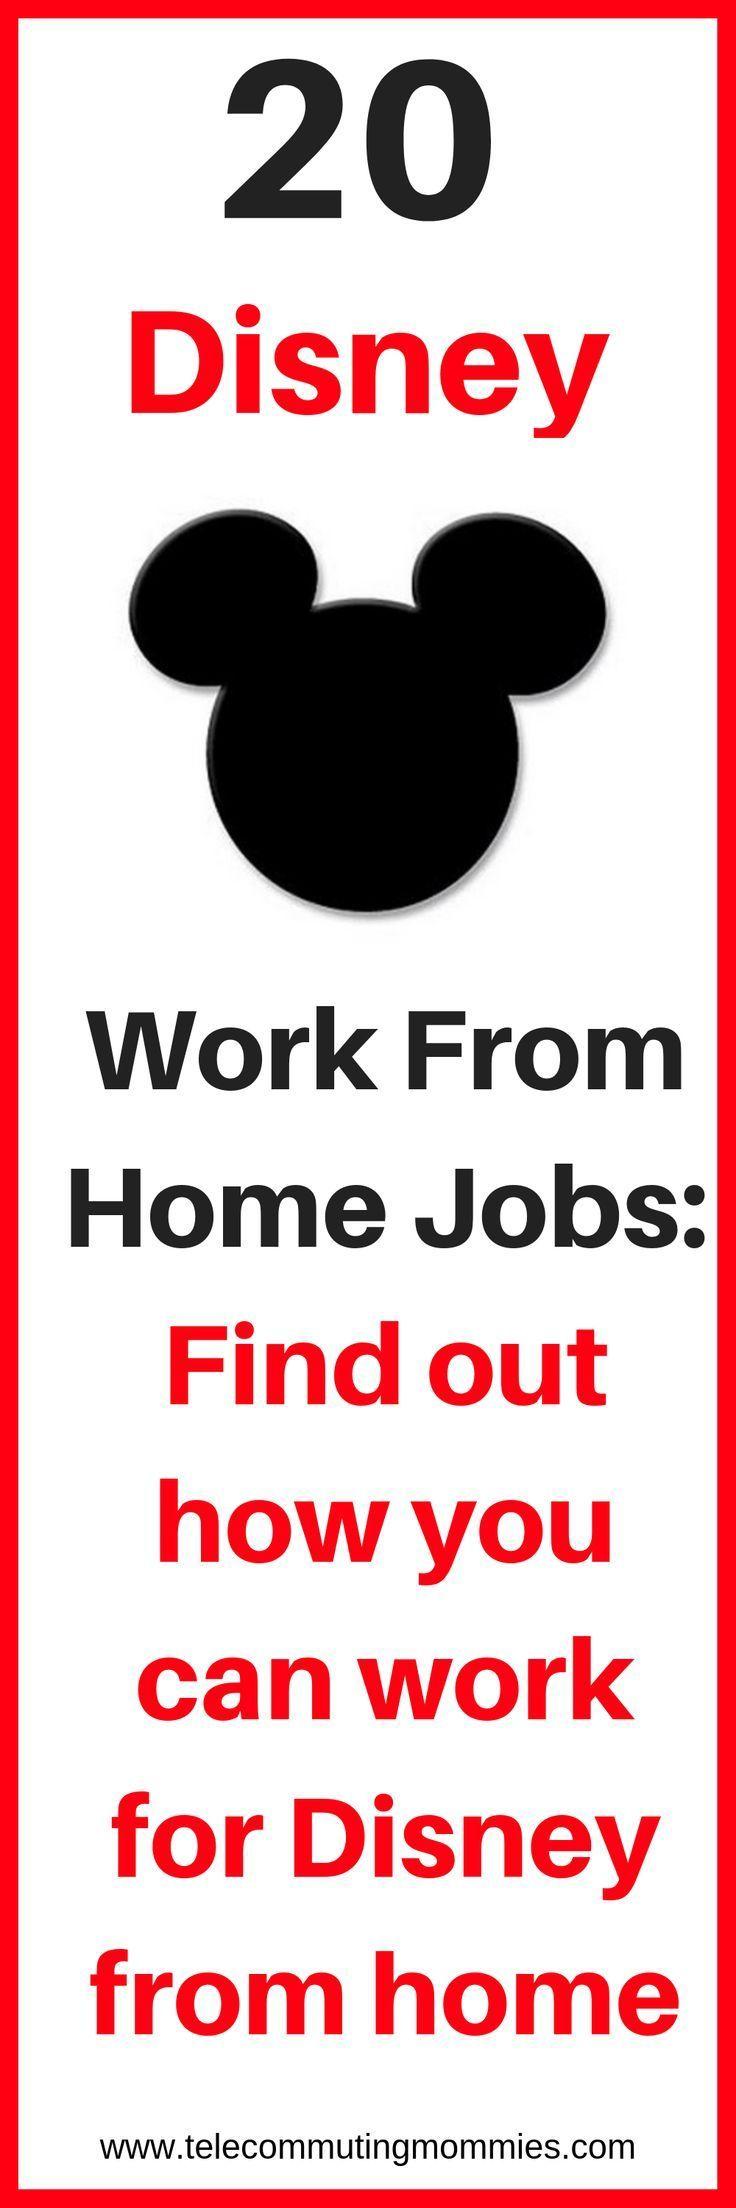 Wie man von zu Hause aus für Disney arbeitet: 20 …